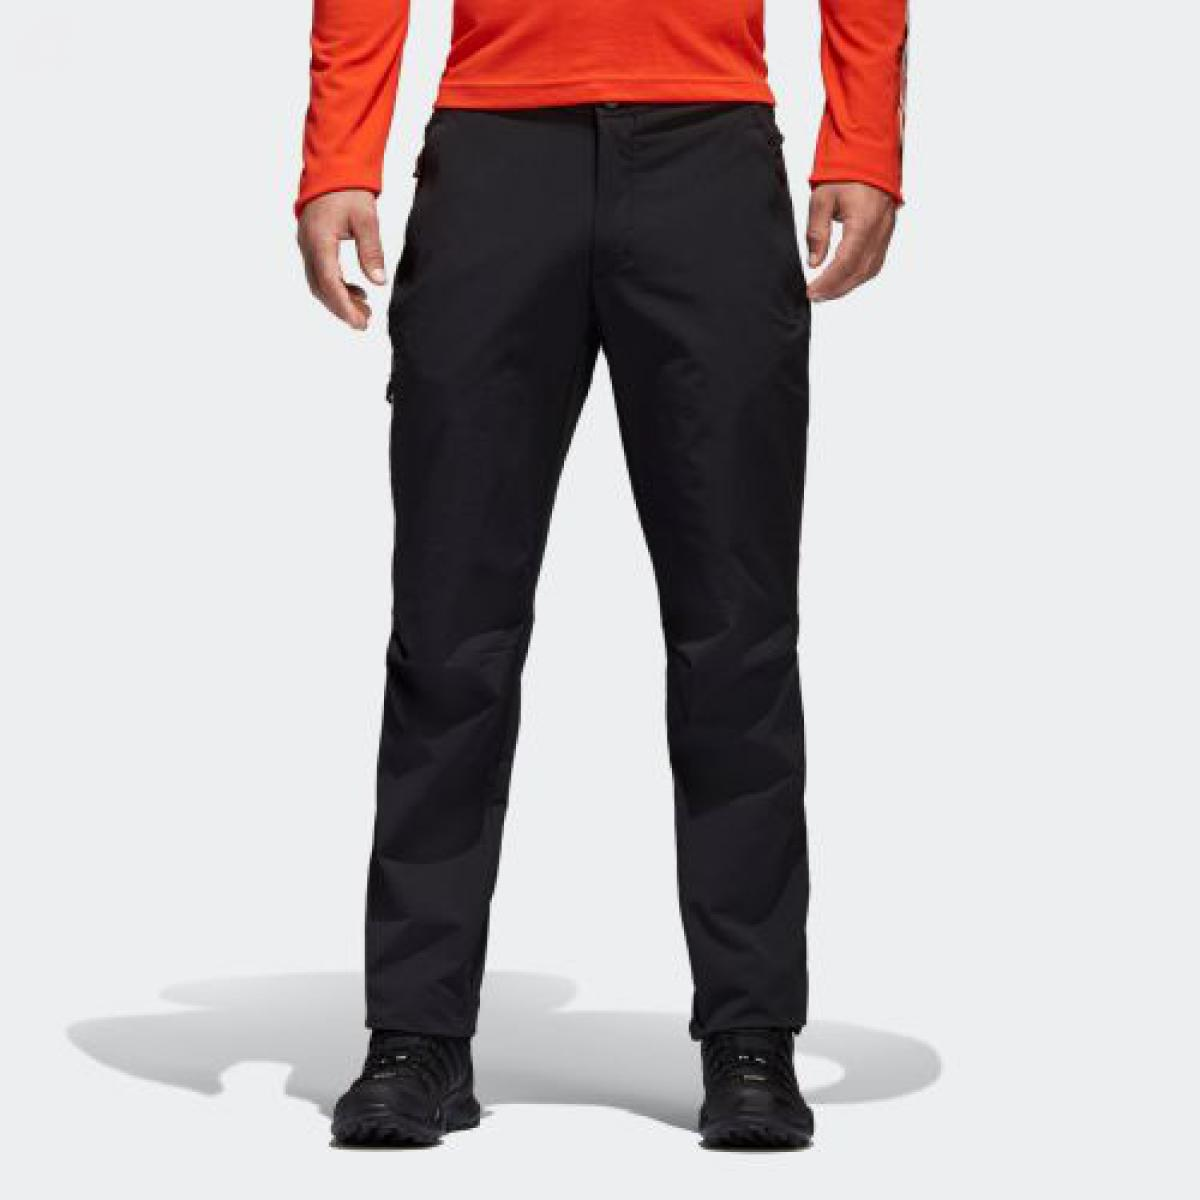 【公式】アディダス adidas オールシーズン パンツ メンズ BS2459 テレックス(アウトドア) ウェア ナイロン ポリエステル ポリウレタン ダブルウィーブ